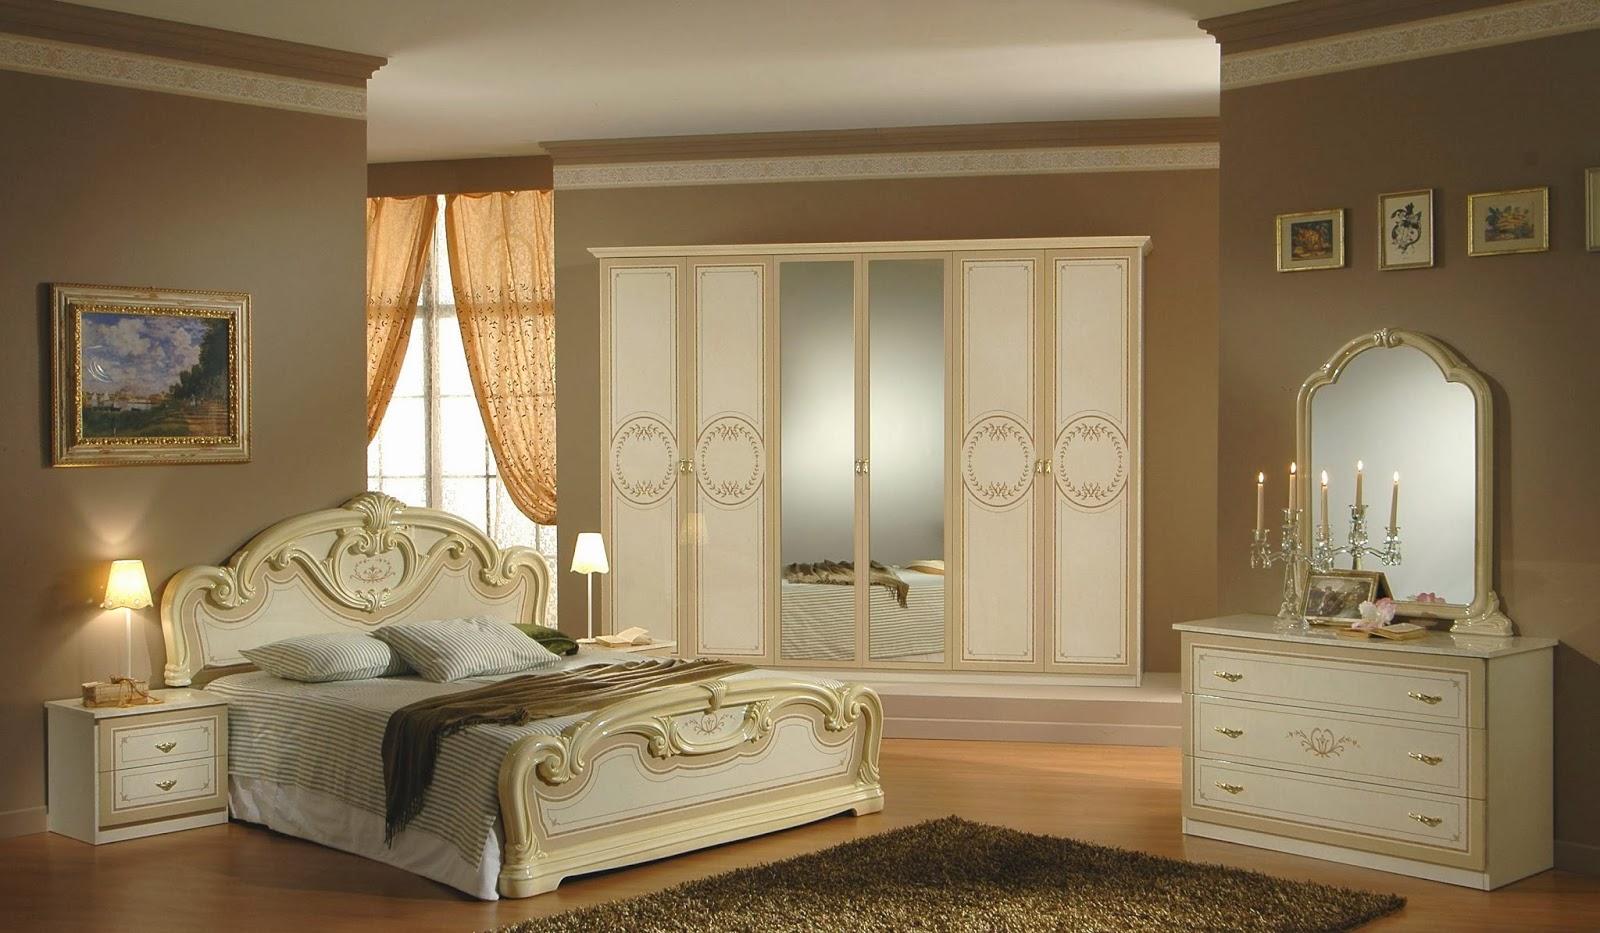 Camere Da Letto Piu Belle Del Mondo il mio angolo nel mondo.: camere da letto classiche, le più